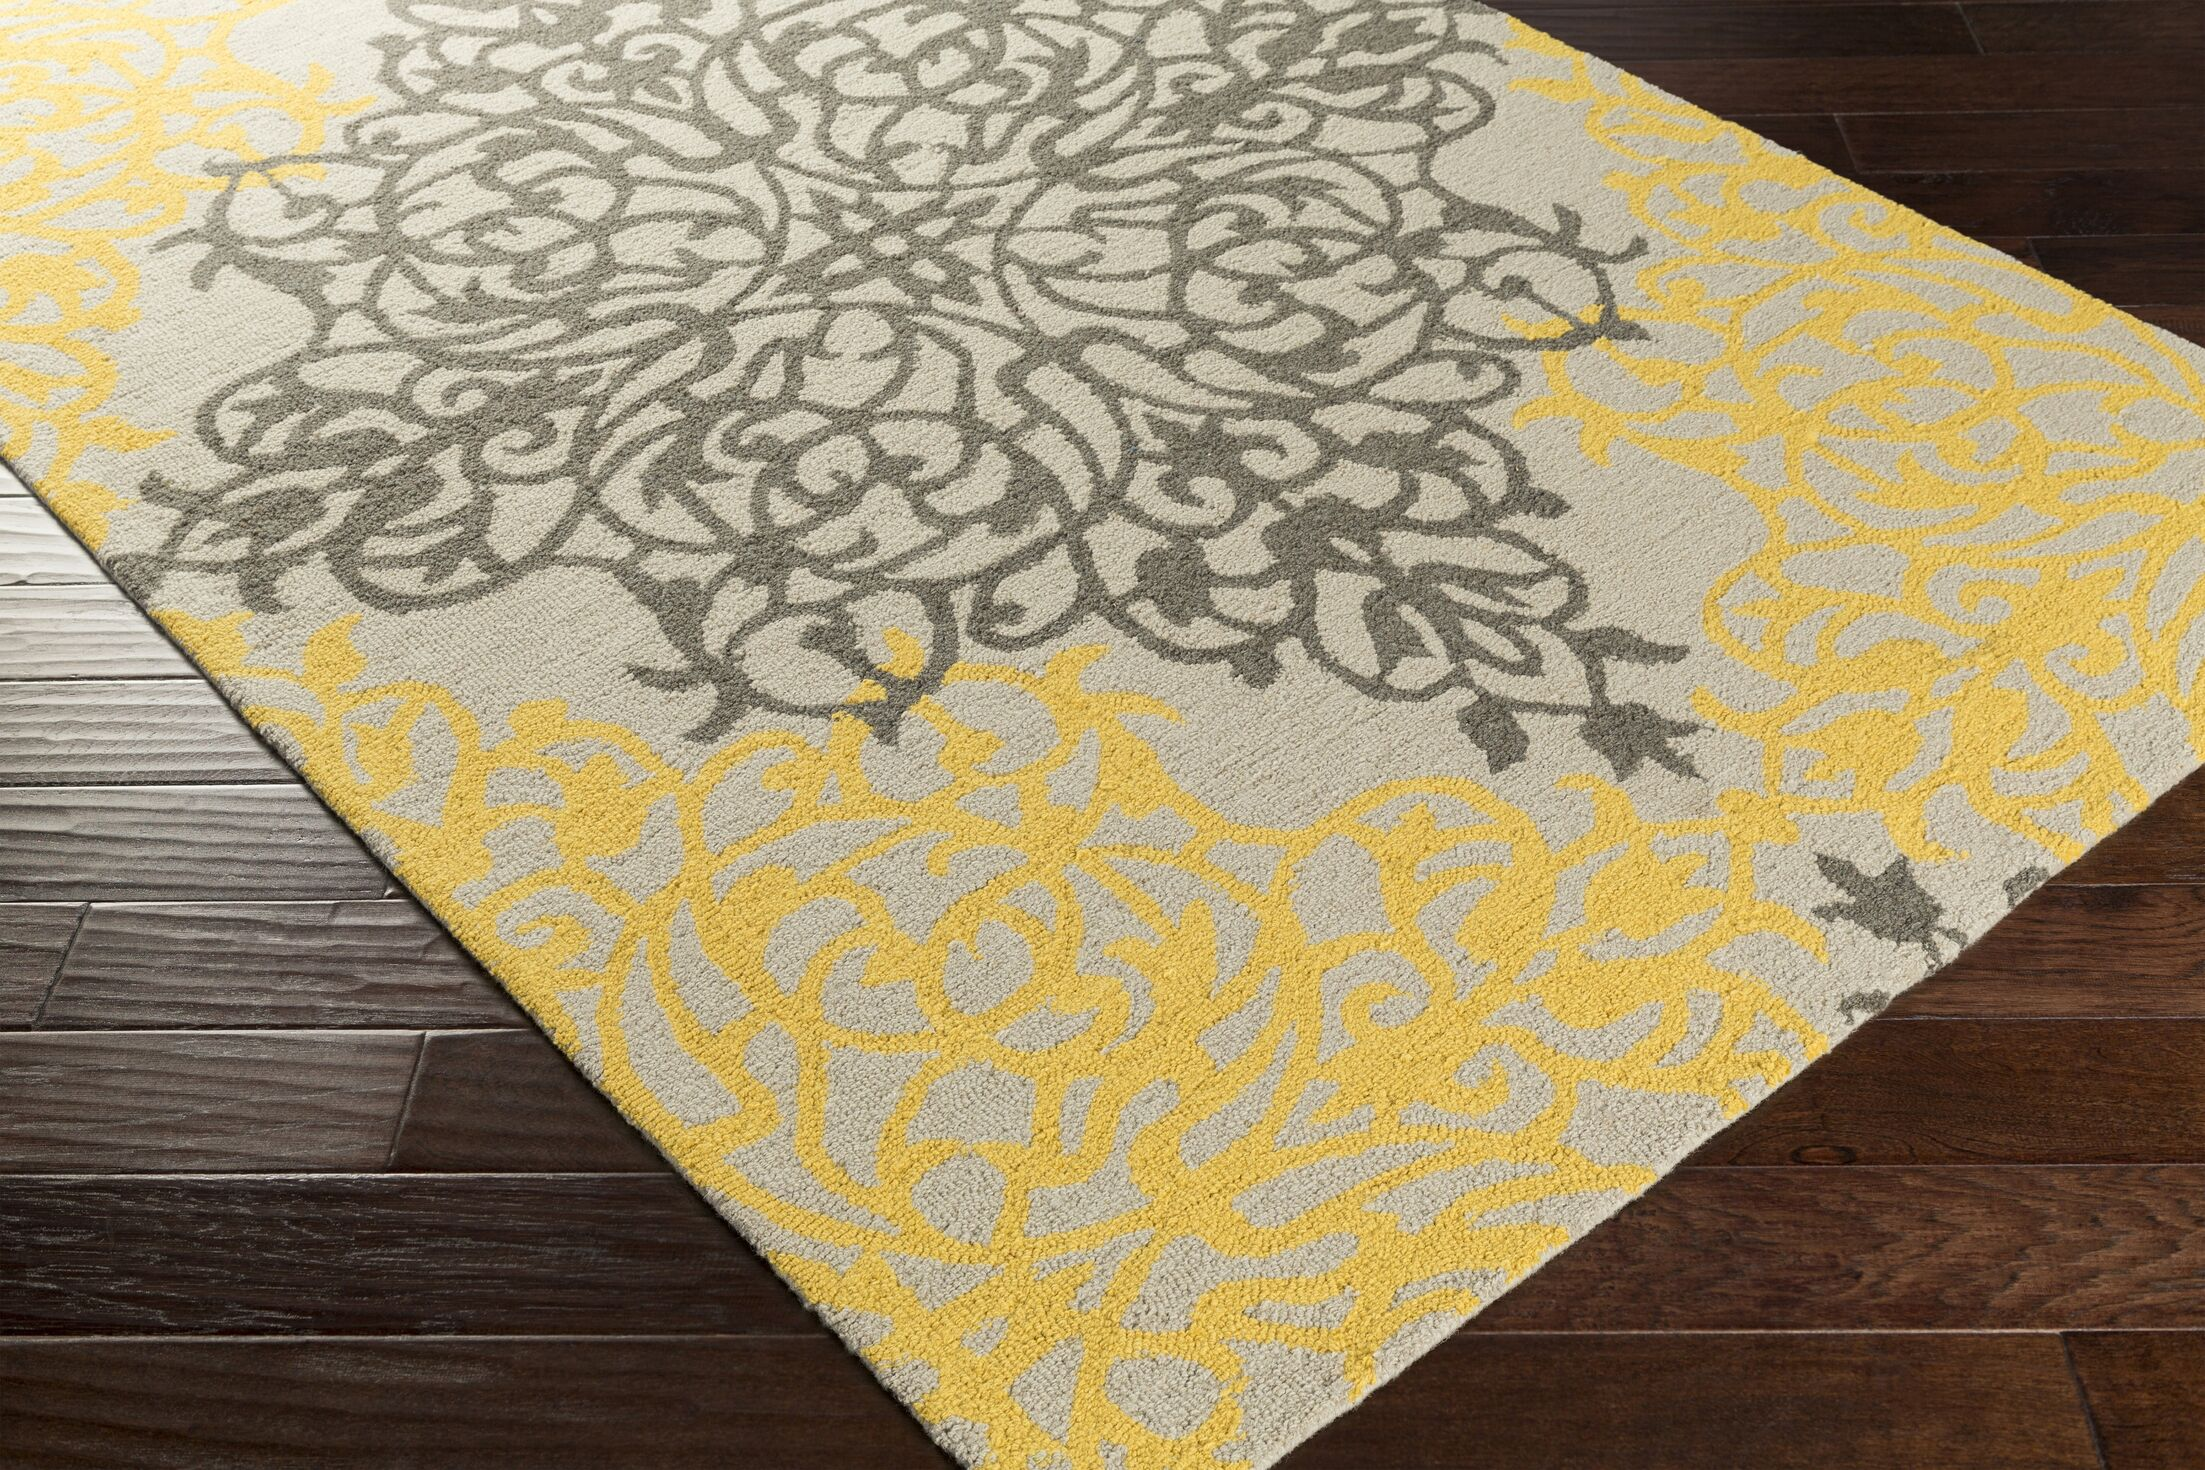 Kerner Hand-Tufted Gold/Beige Area Rug Rug Size: Rectangle 8' x 10'